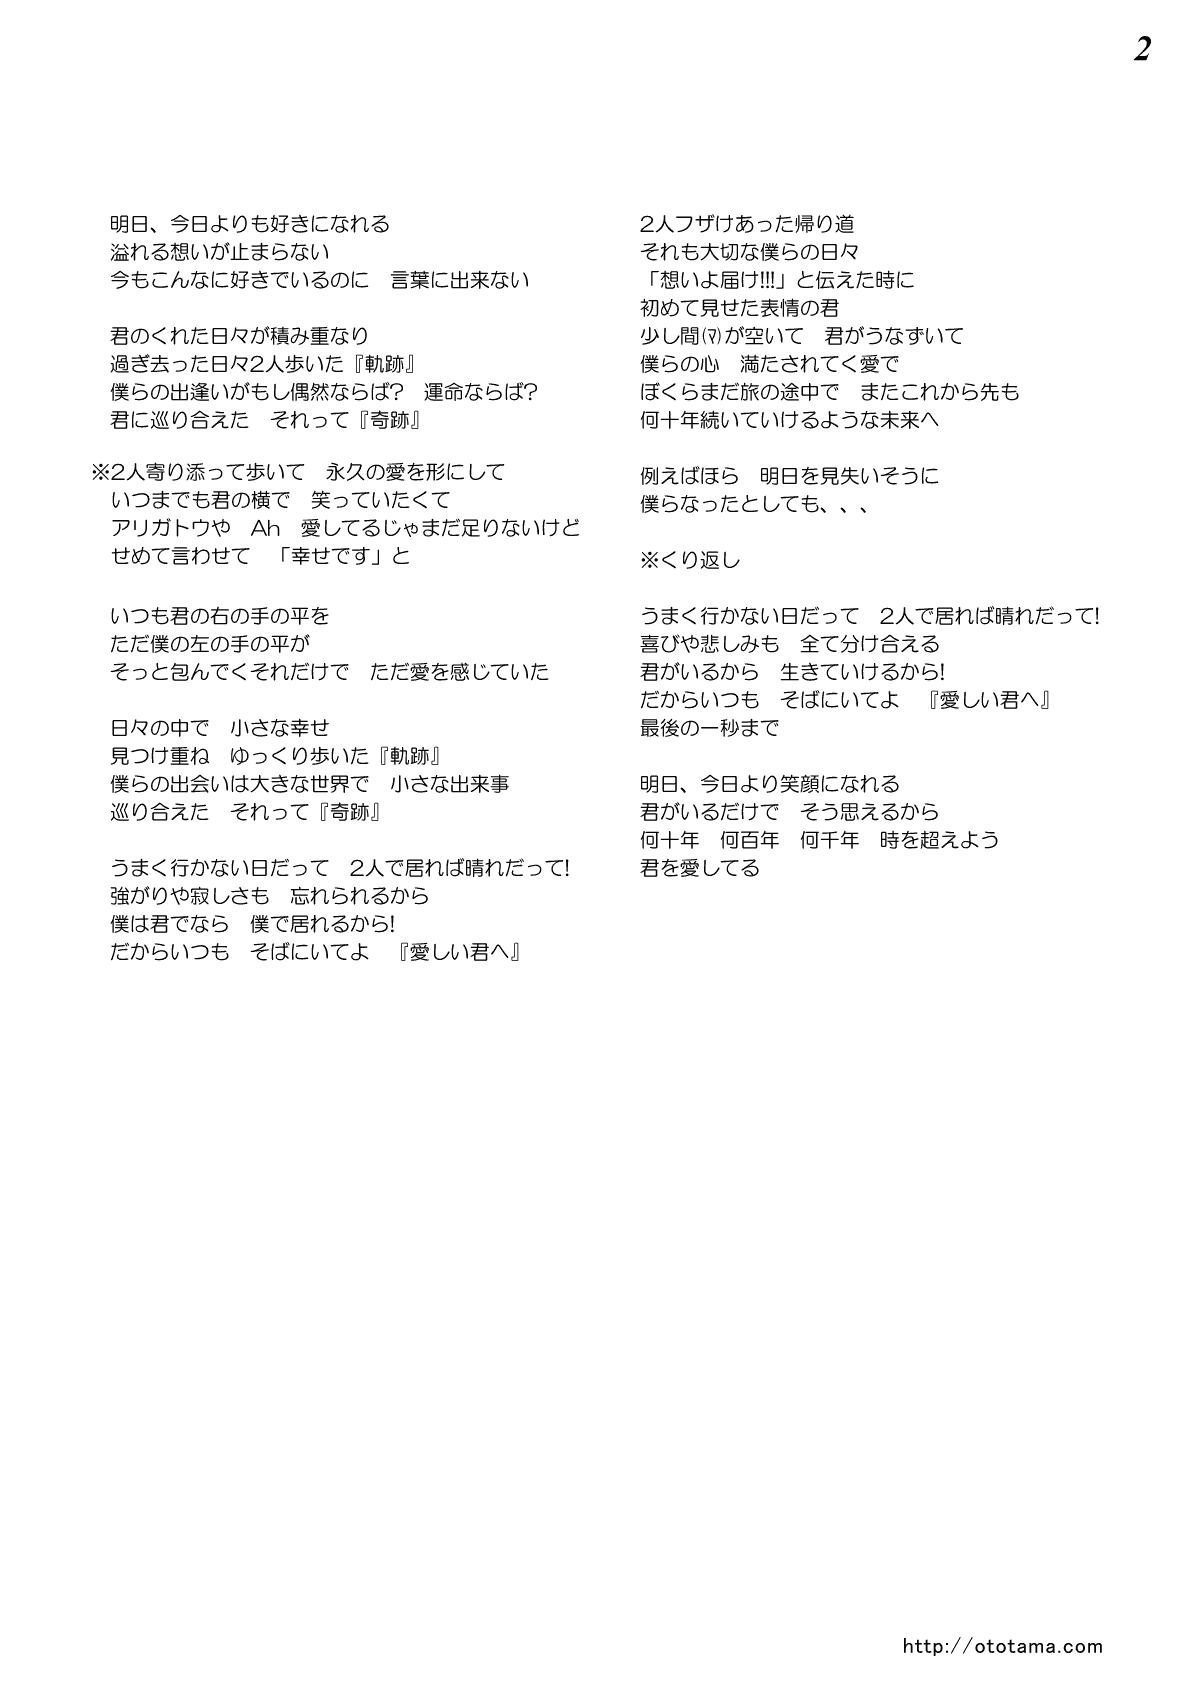 歌詞 キセキ GReeeeN「キセキ」歌詞の意味(解釈)とは?